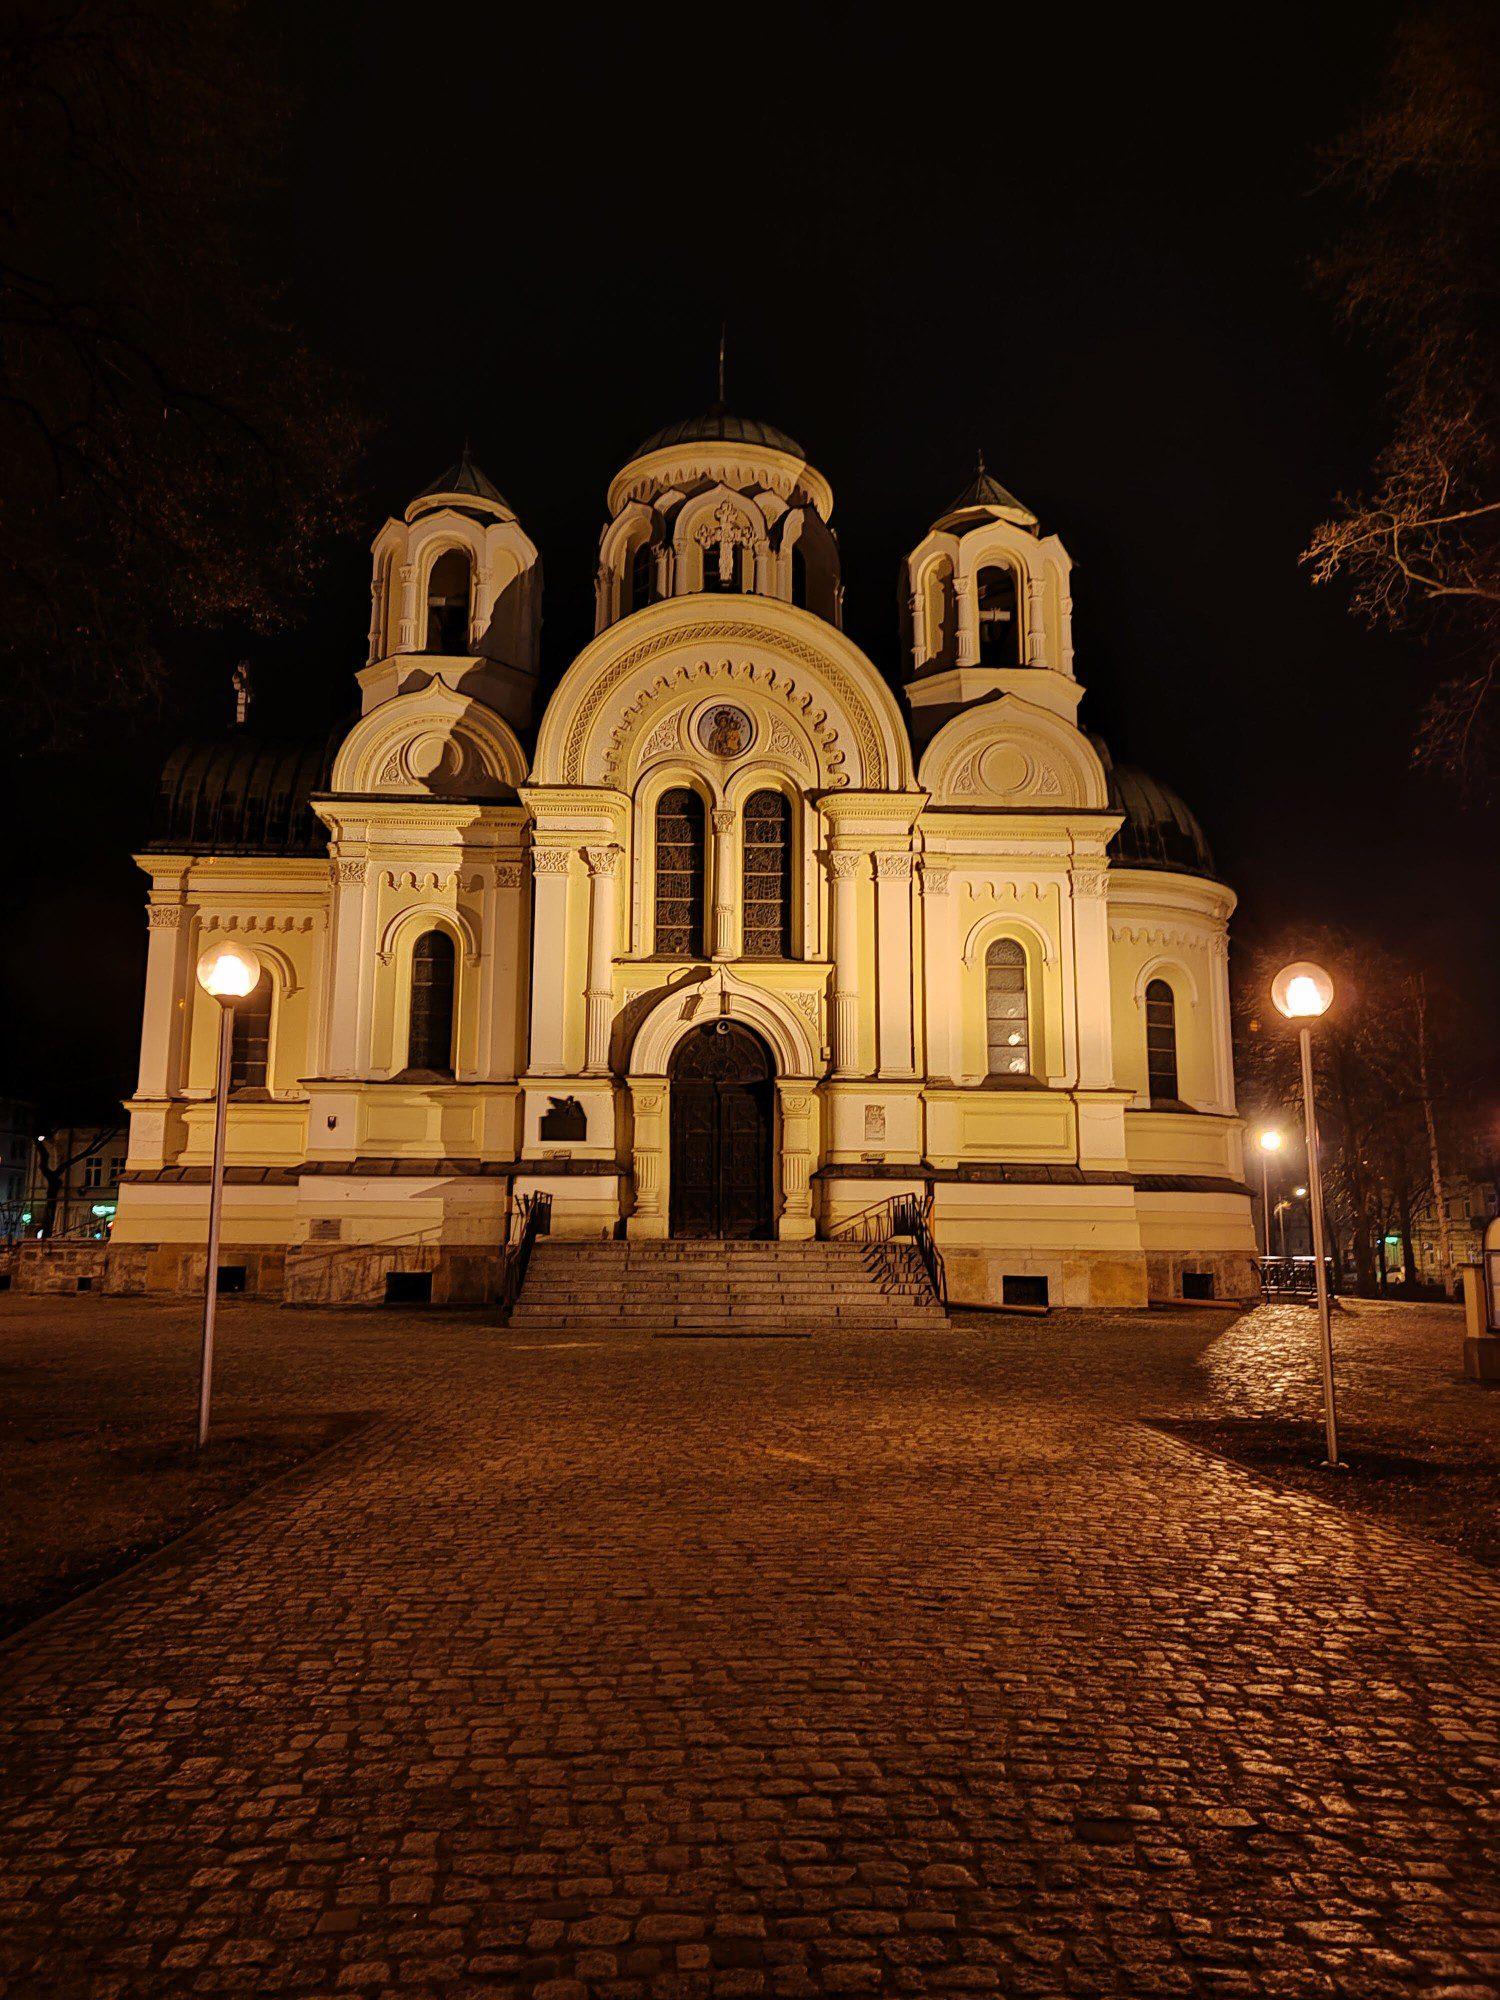 kościół zdjęcie tryb nocny realme 8 pro